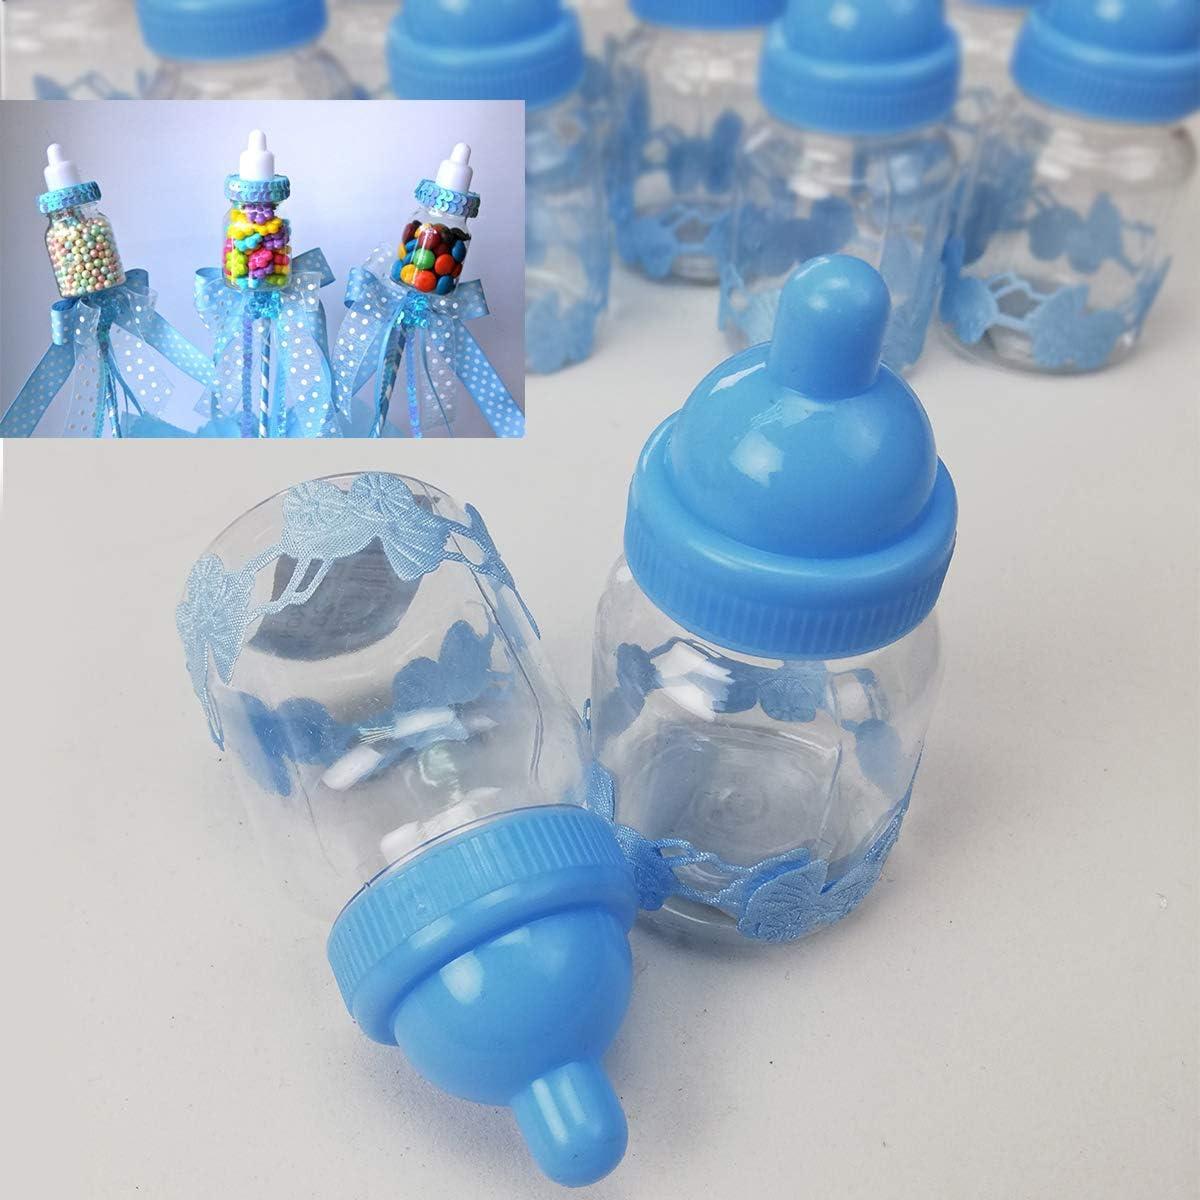 Biberones de Bautizo Niño,50 Pequeños y 1 Grande de Regalo para Bautizo con Lazo Azul-Azul Grande: Amazon.es: Bebé